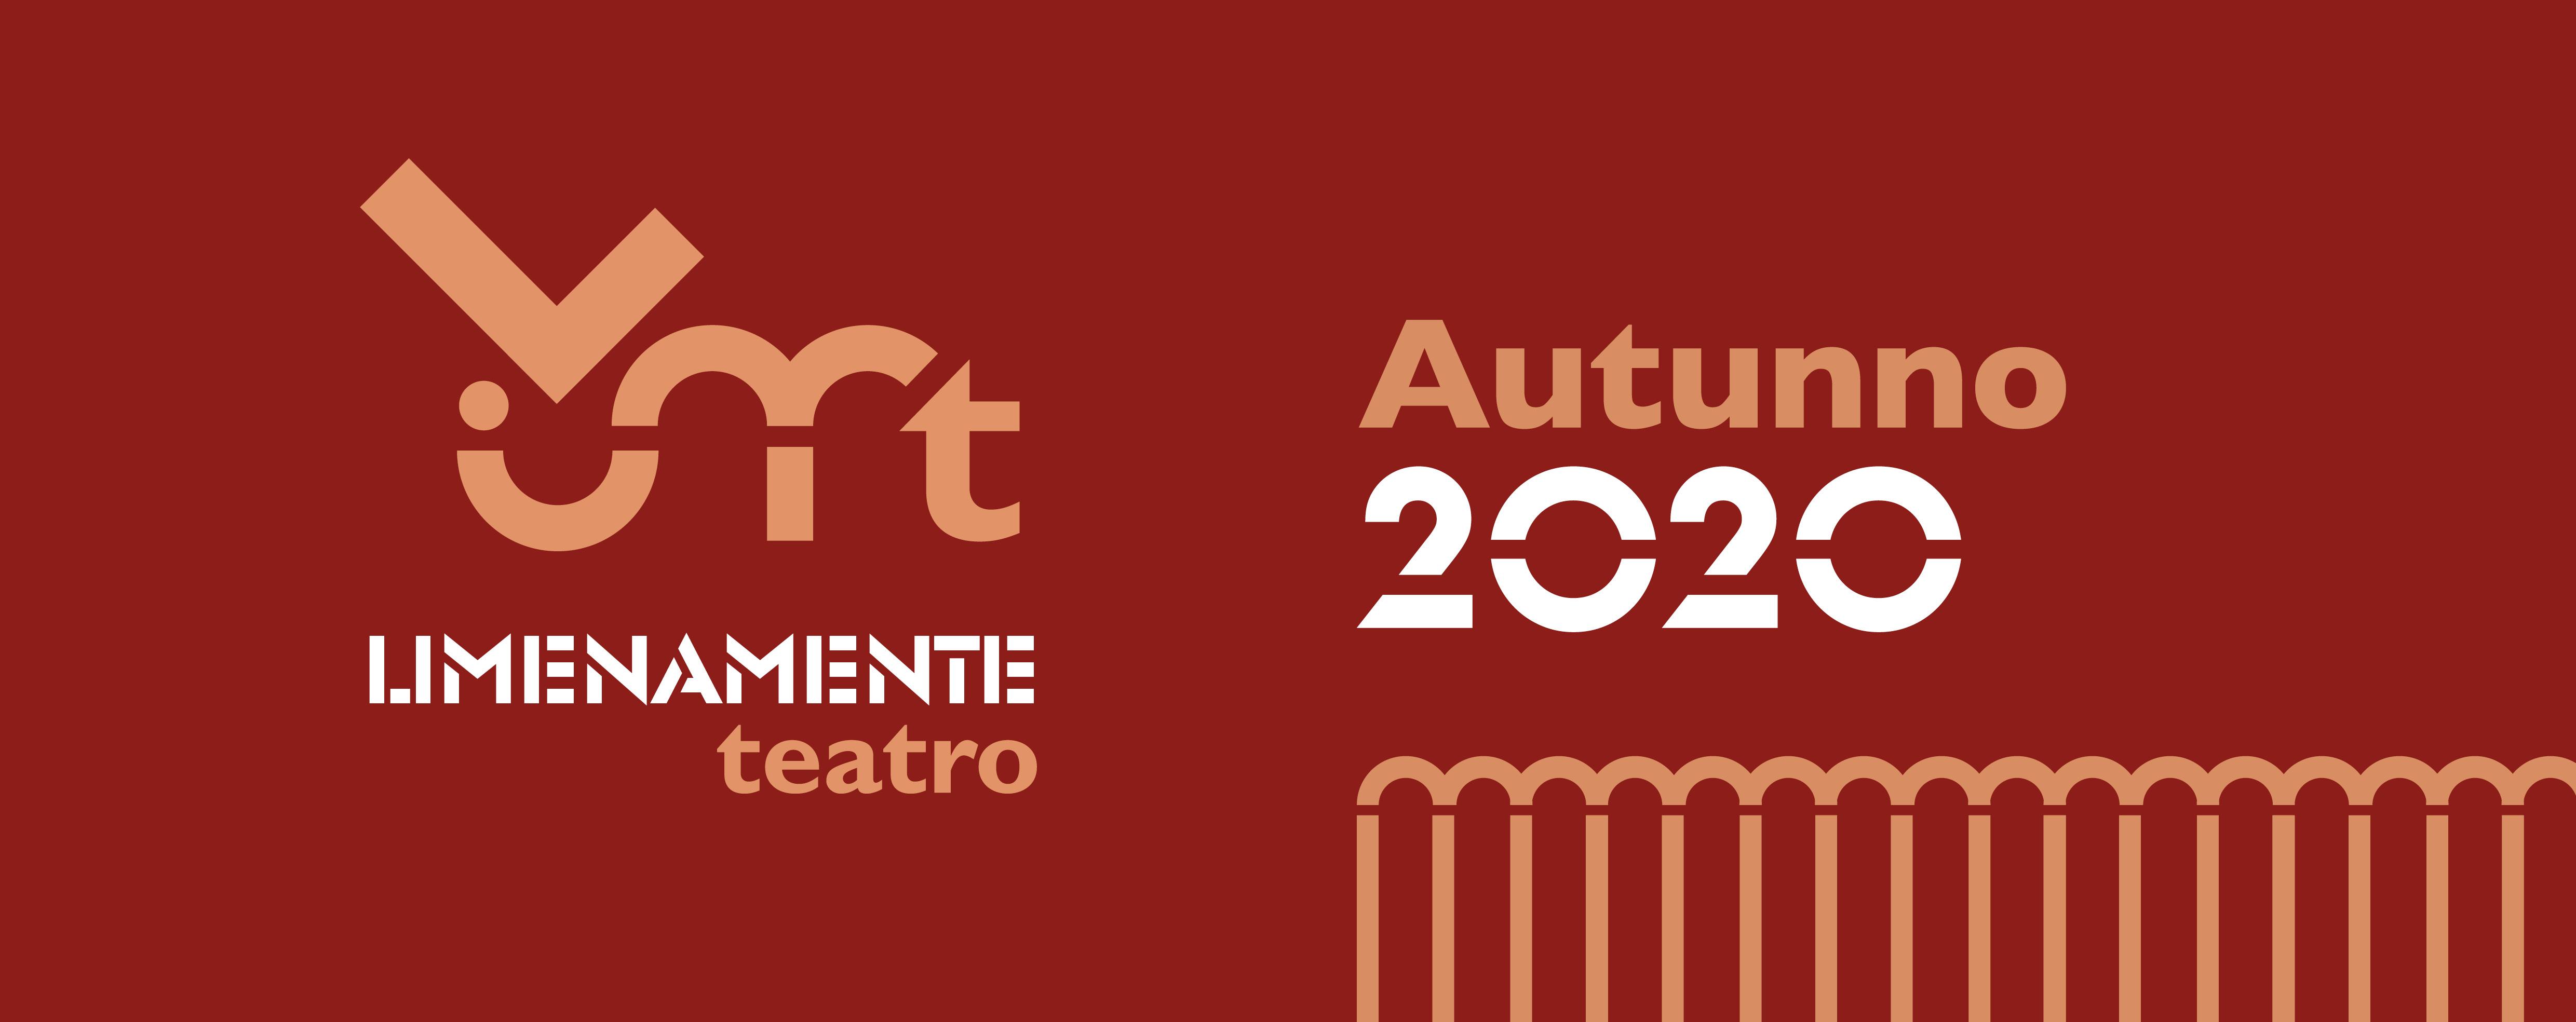 LIMENAMENTE TEATRO AUTUNNO 2020